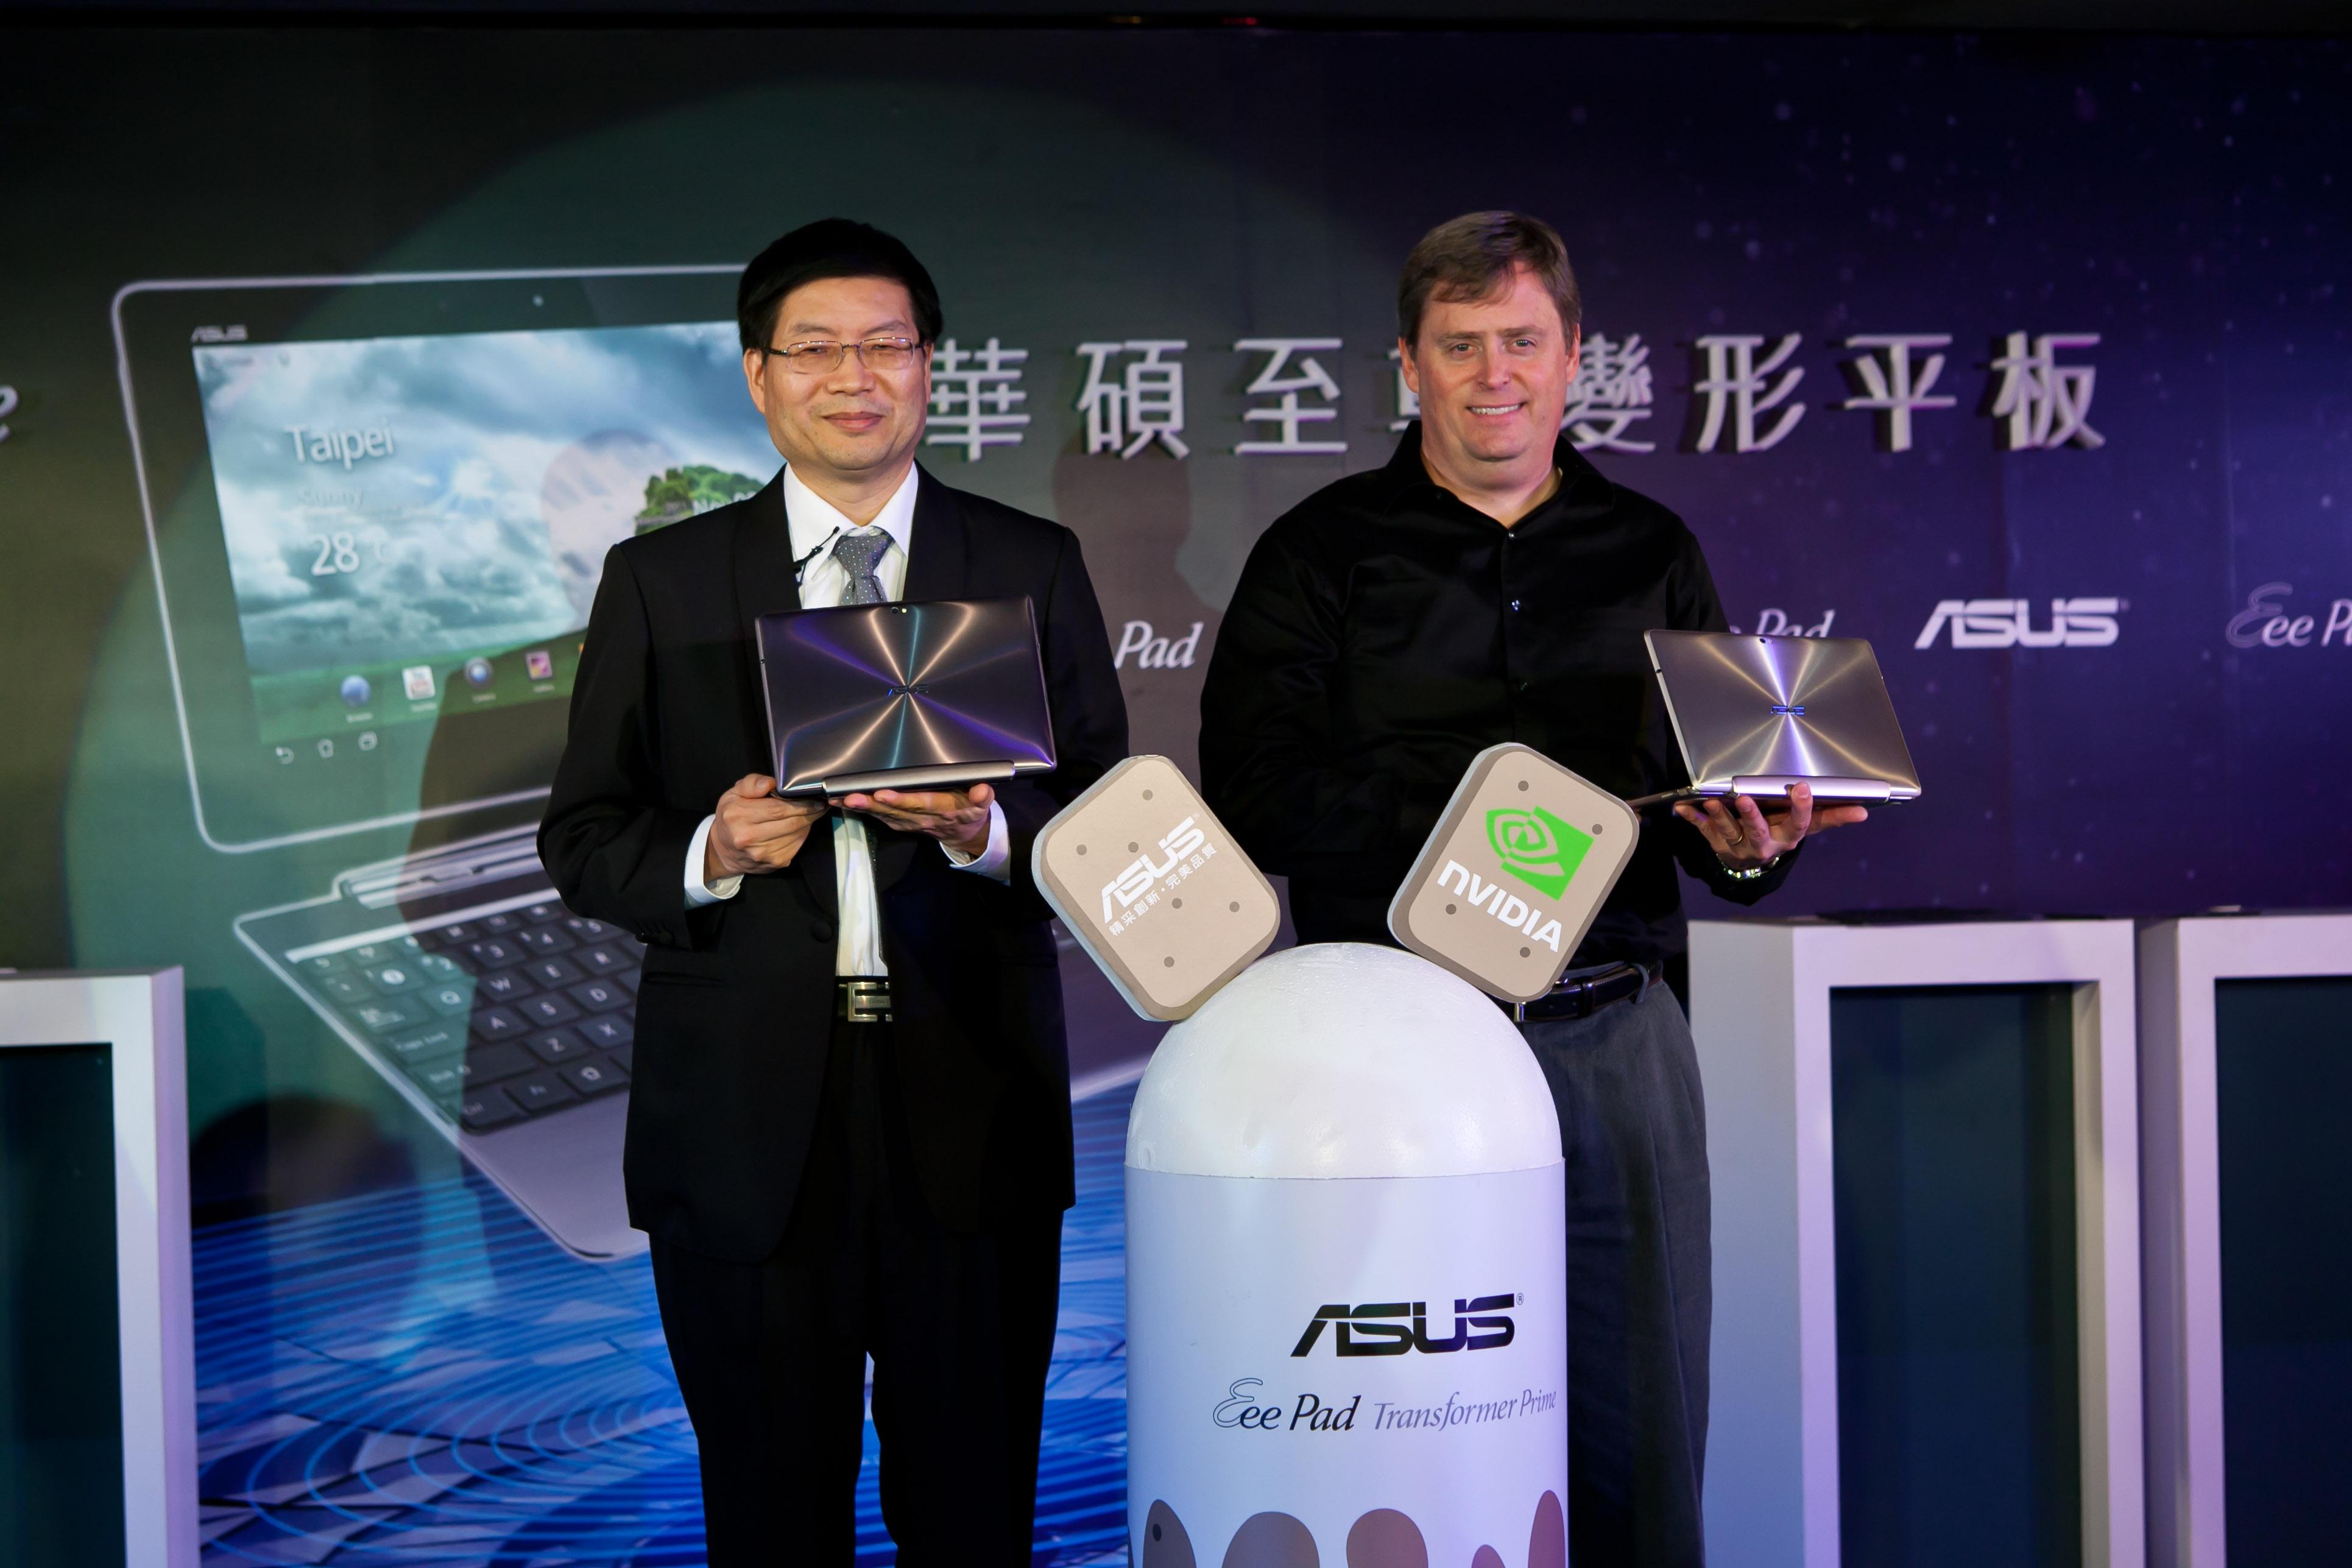 華碩、NVIDIA見證「至尊變形平板」全球領先 璀璨問世